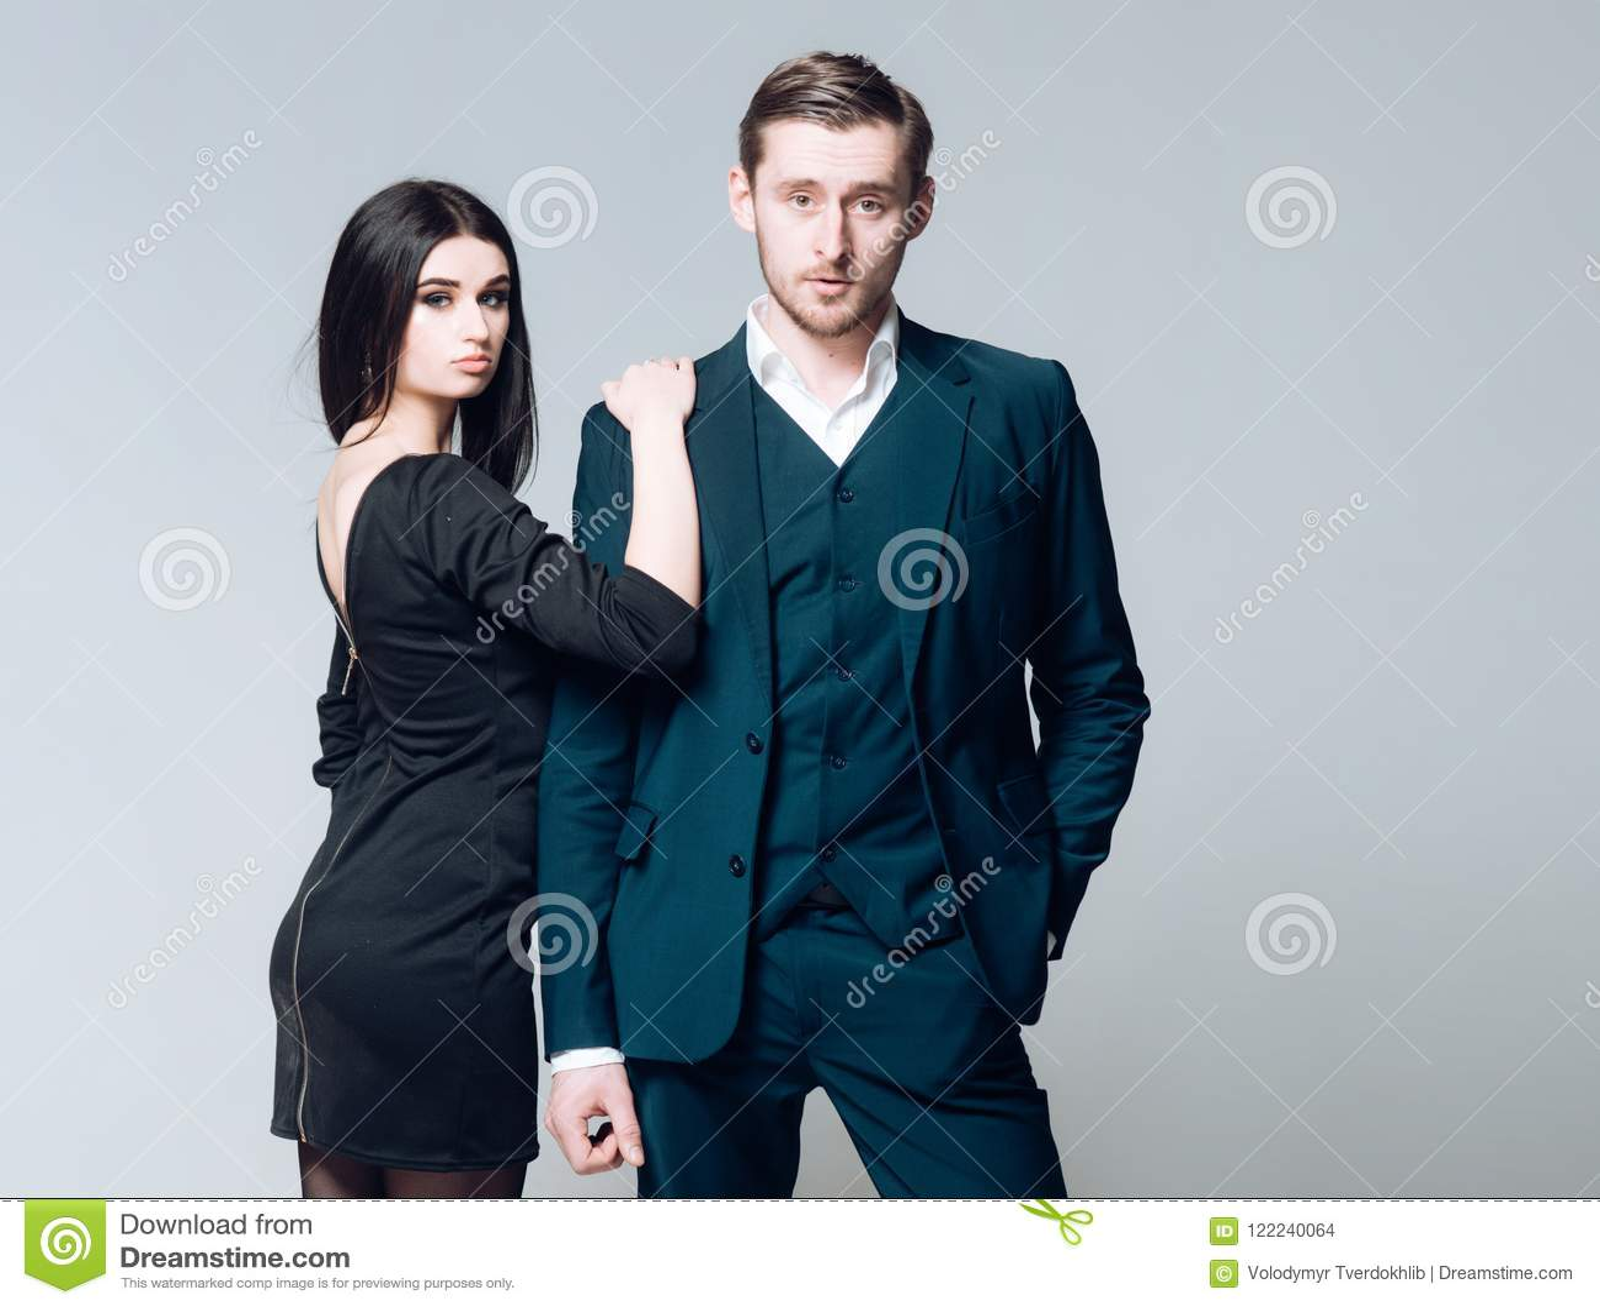 Código de vestimenta do negócio Equipe bem preparado afiado dos olhares bem sucedidos no terno formal clássico Vestido preto form